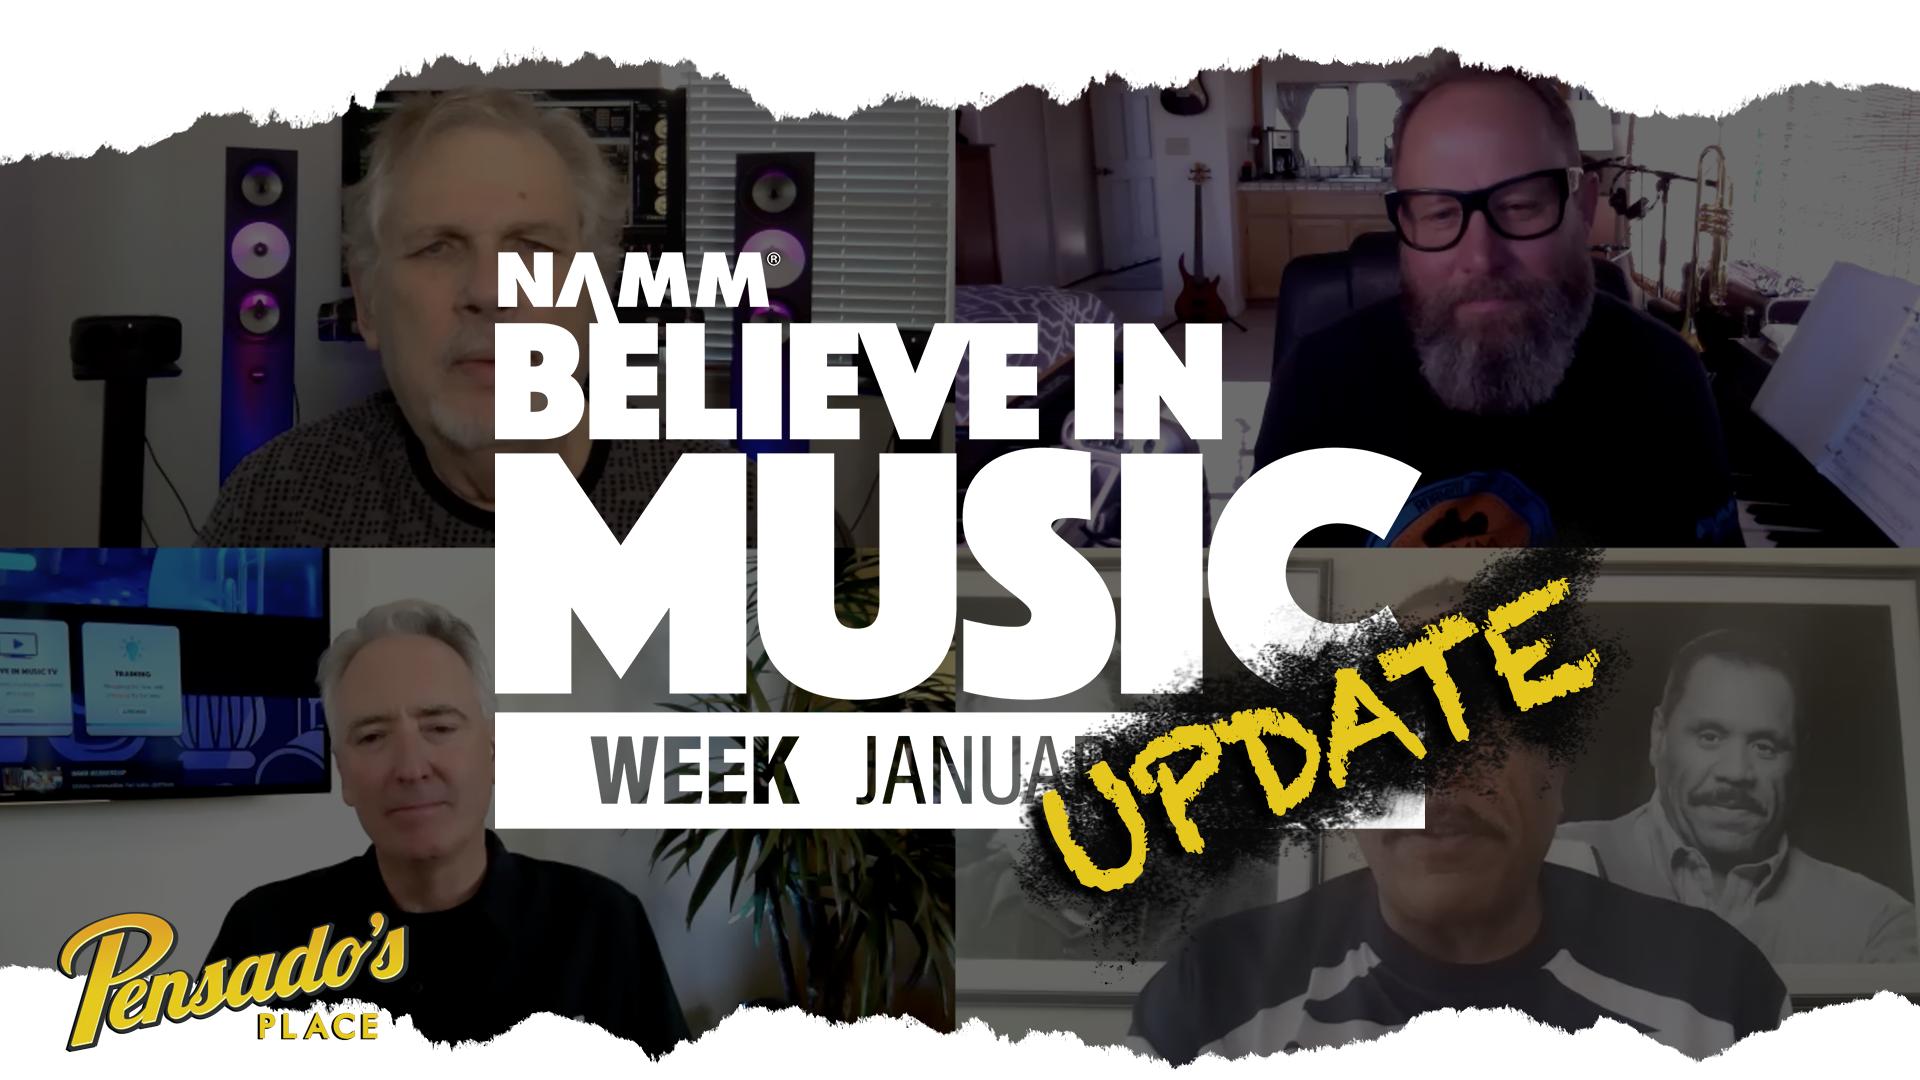 NAMM Believe In Music Update